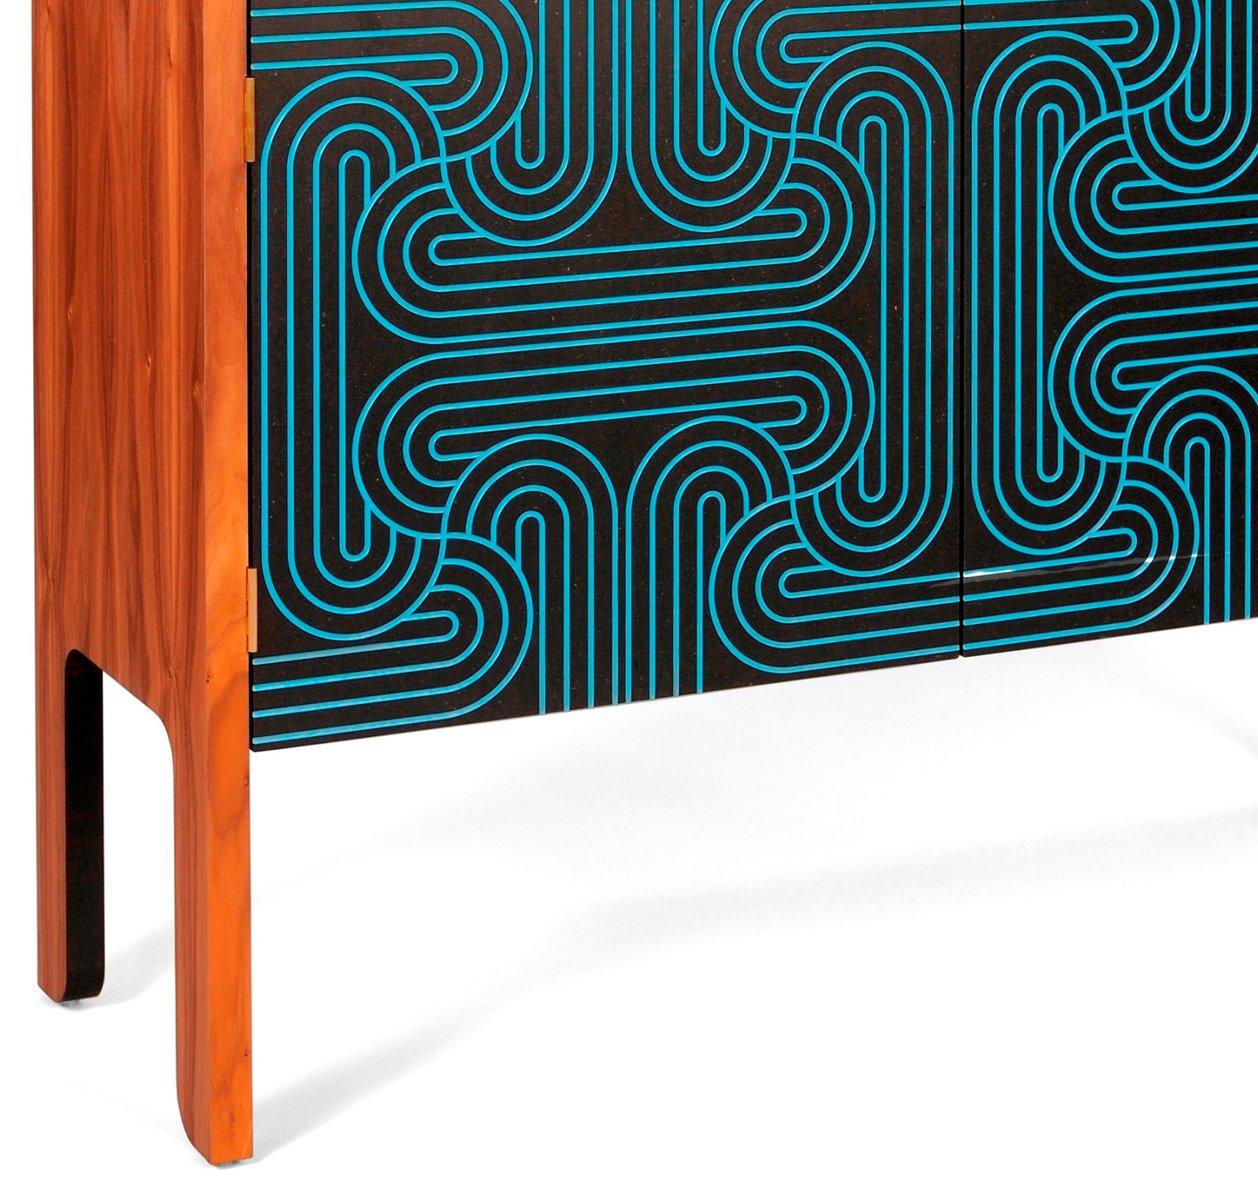 loop kabinett mit 4 t ren von coucou manou bei pamono kaufen. Black Bedroom Furniture Sets. Home Design Ideas